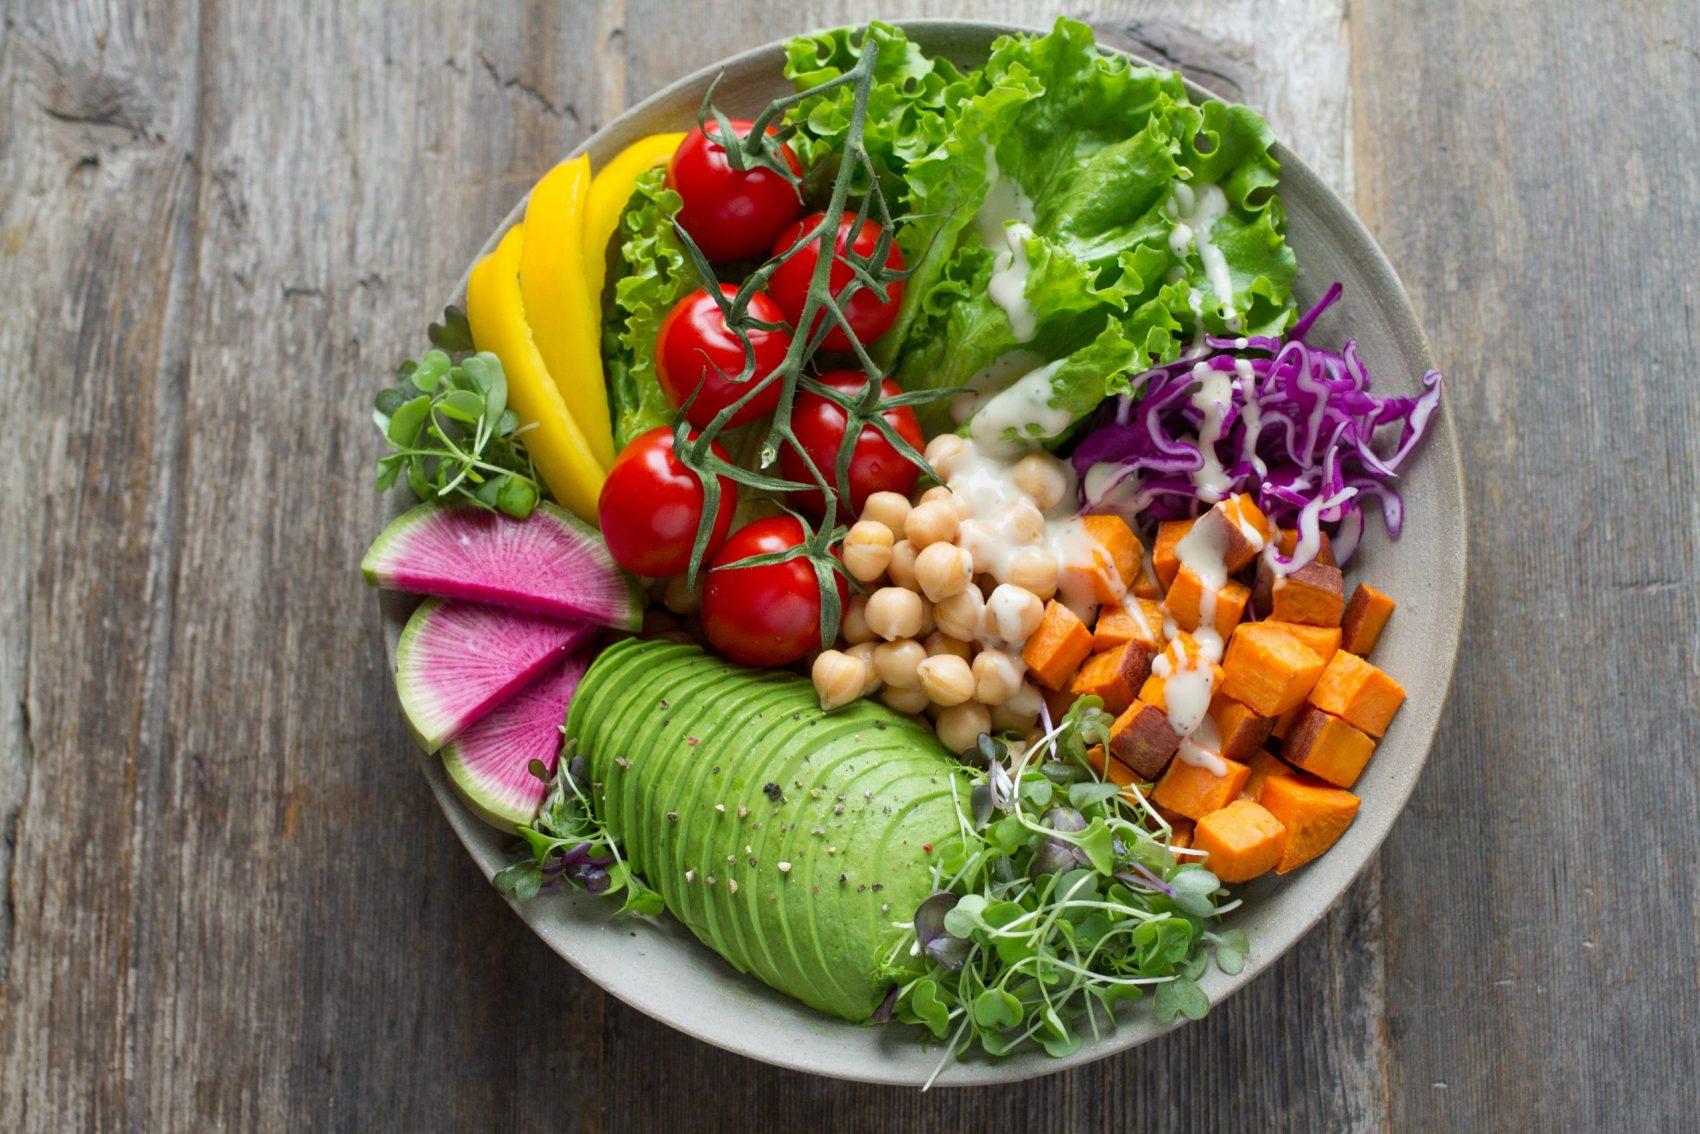 Receitas adaptadas para pessoas com diabetes tipo 2: elogio ao uso de ervas, frutas e especiarias em substituição ao sal e ao açúcar (Foto: Anna Pelzer/Unsplash)